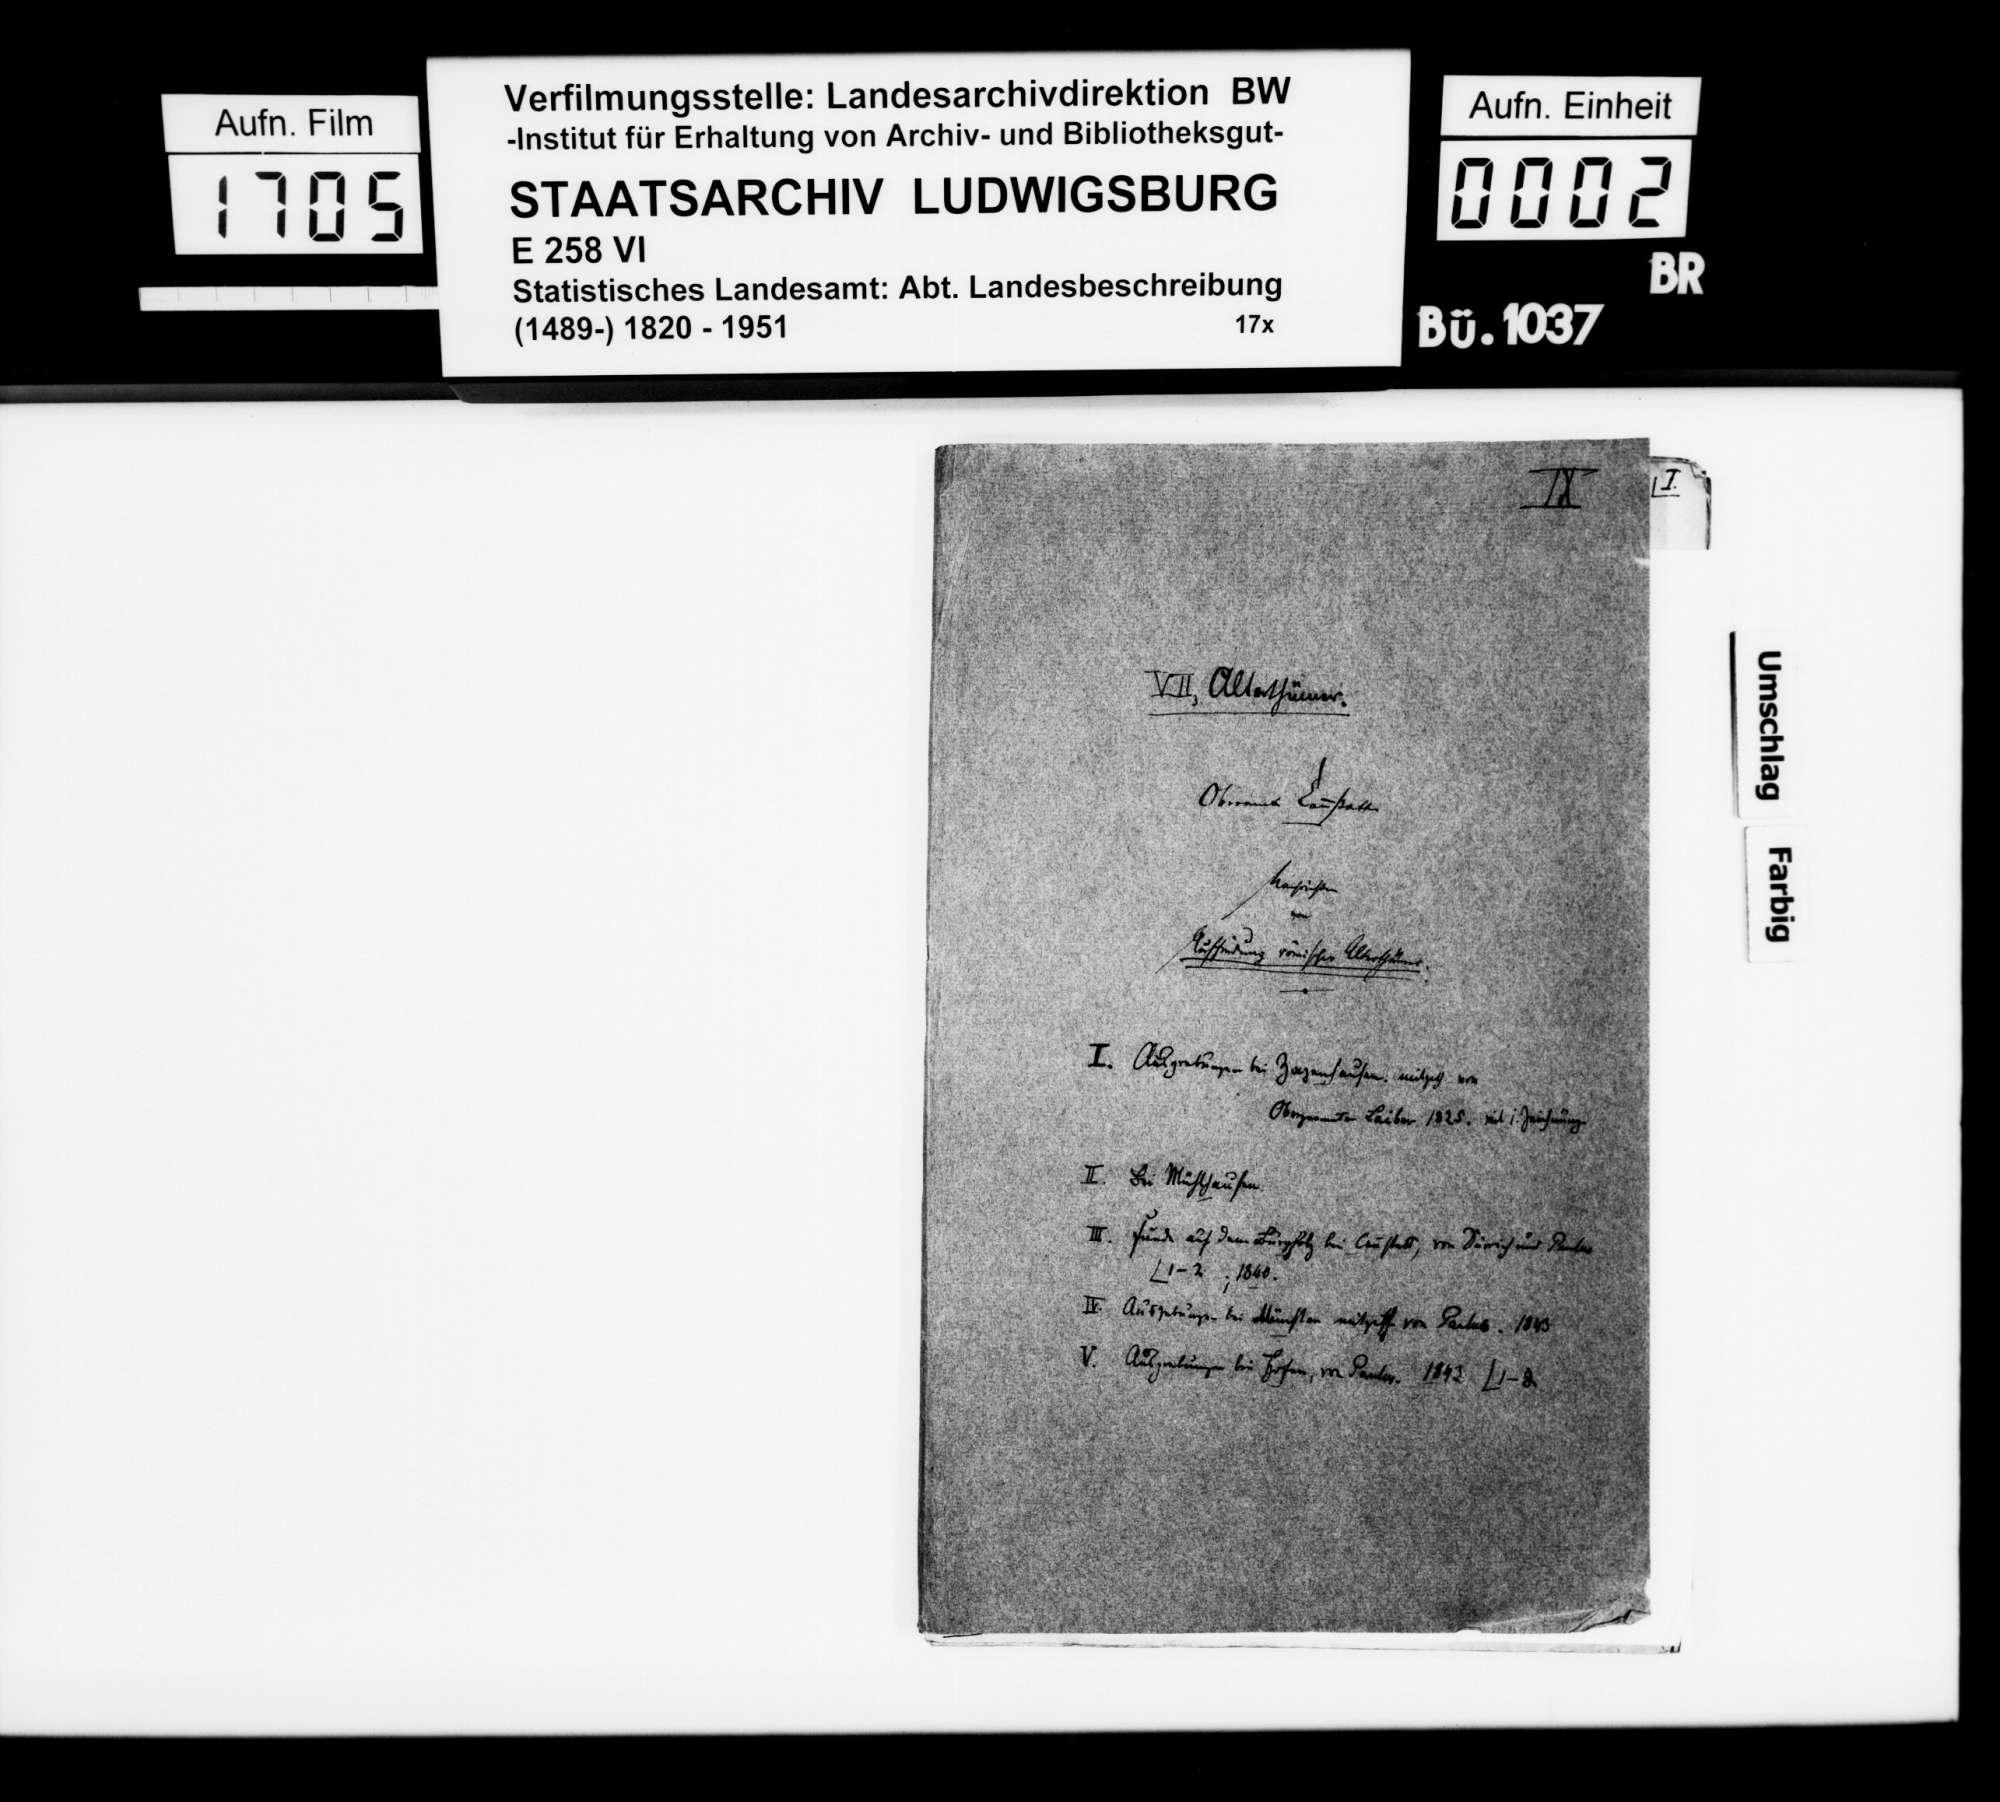 Ausgrabungen und Bodenfunde bei Zazenhausen, Mühlhausen, Cannstatt, Münster und Hofen, Bild 1